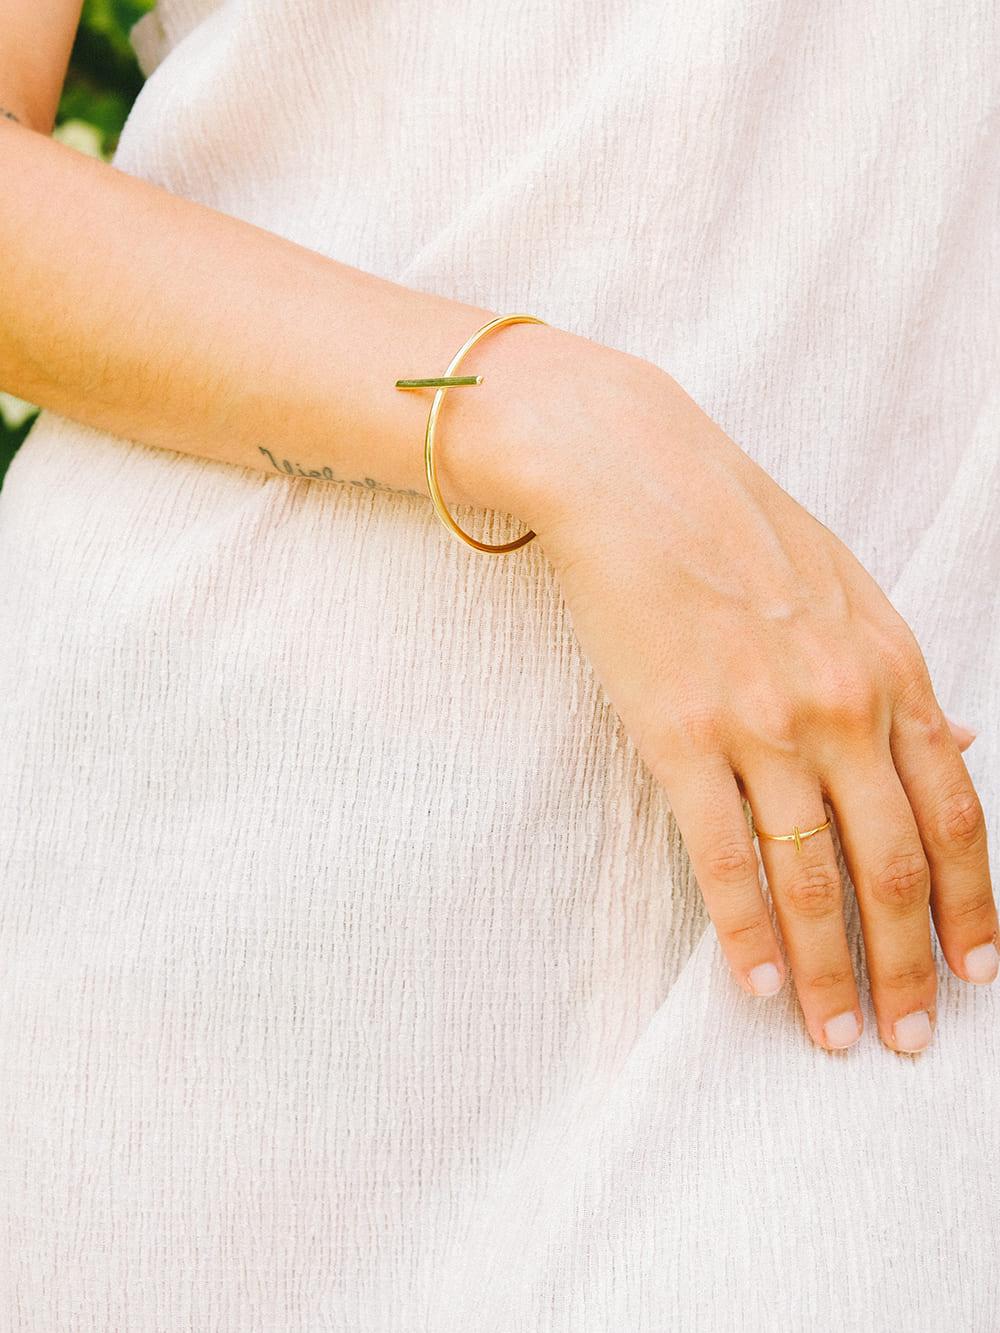 anillo chapado en oro de 18k para mujer creado por Marteliè,joyas para regalar,joyas en Barcelona, joyasmarket